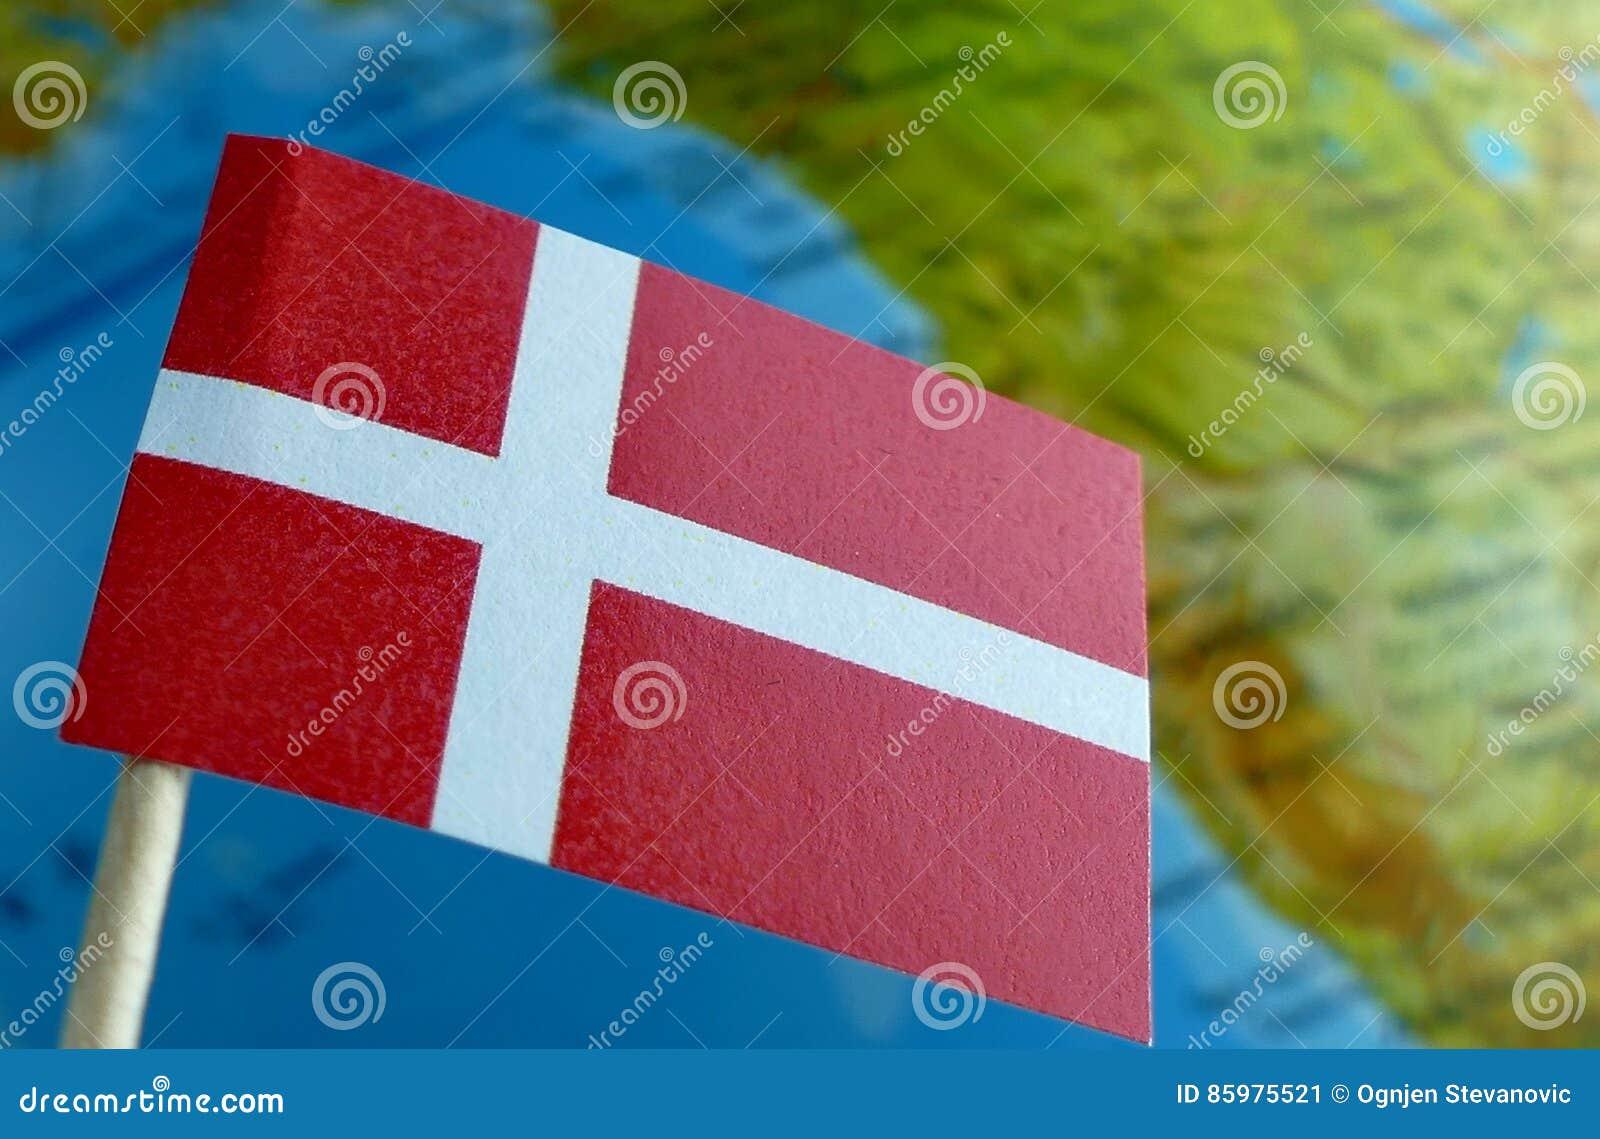 Δανική σημαία με έναν χάρτη σφαιρών ως υπόβαθρο